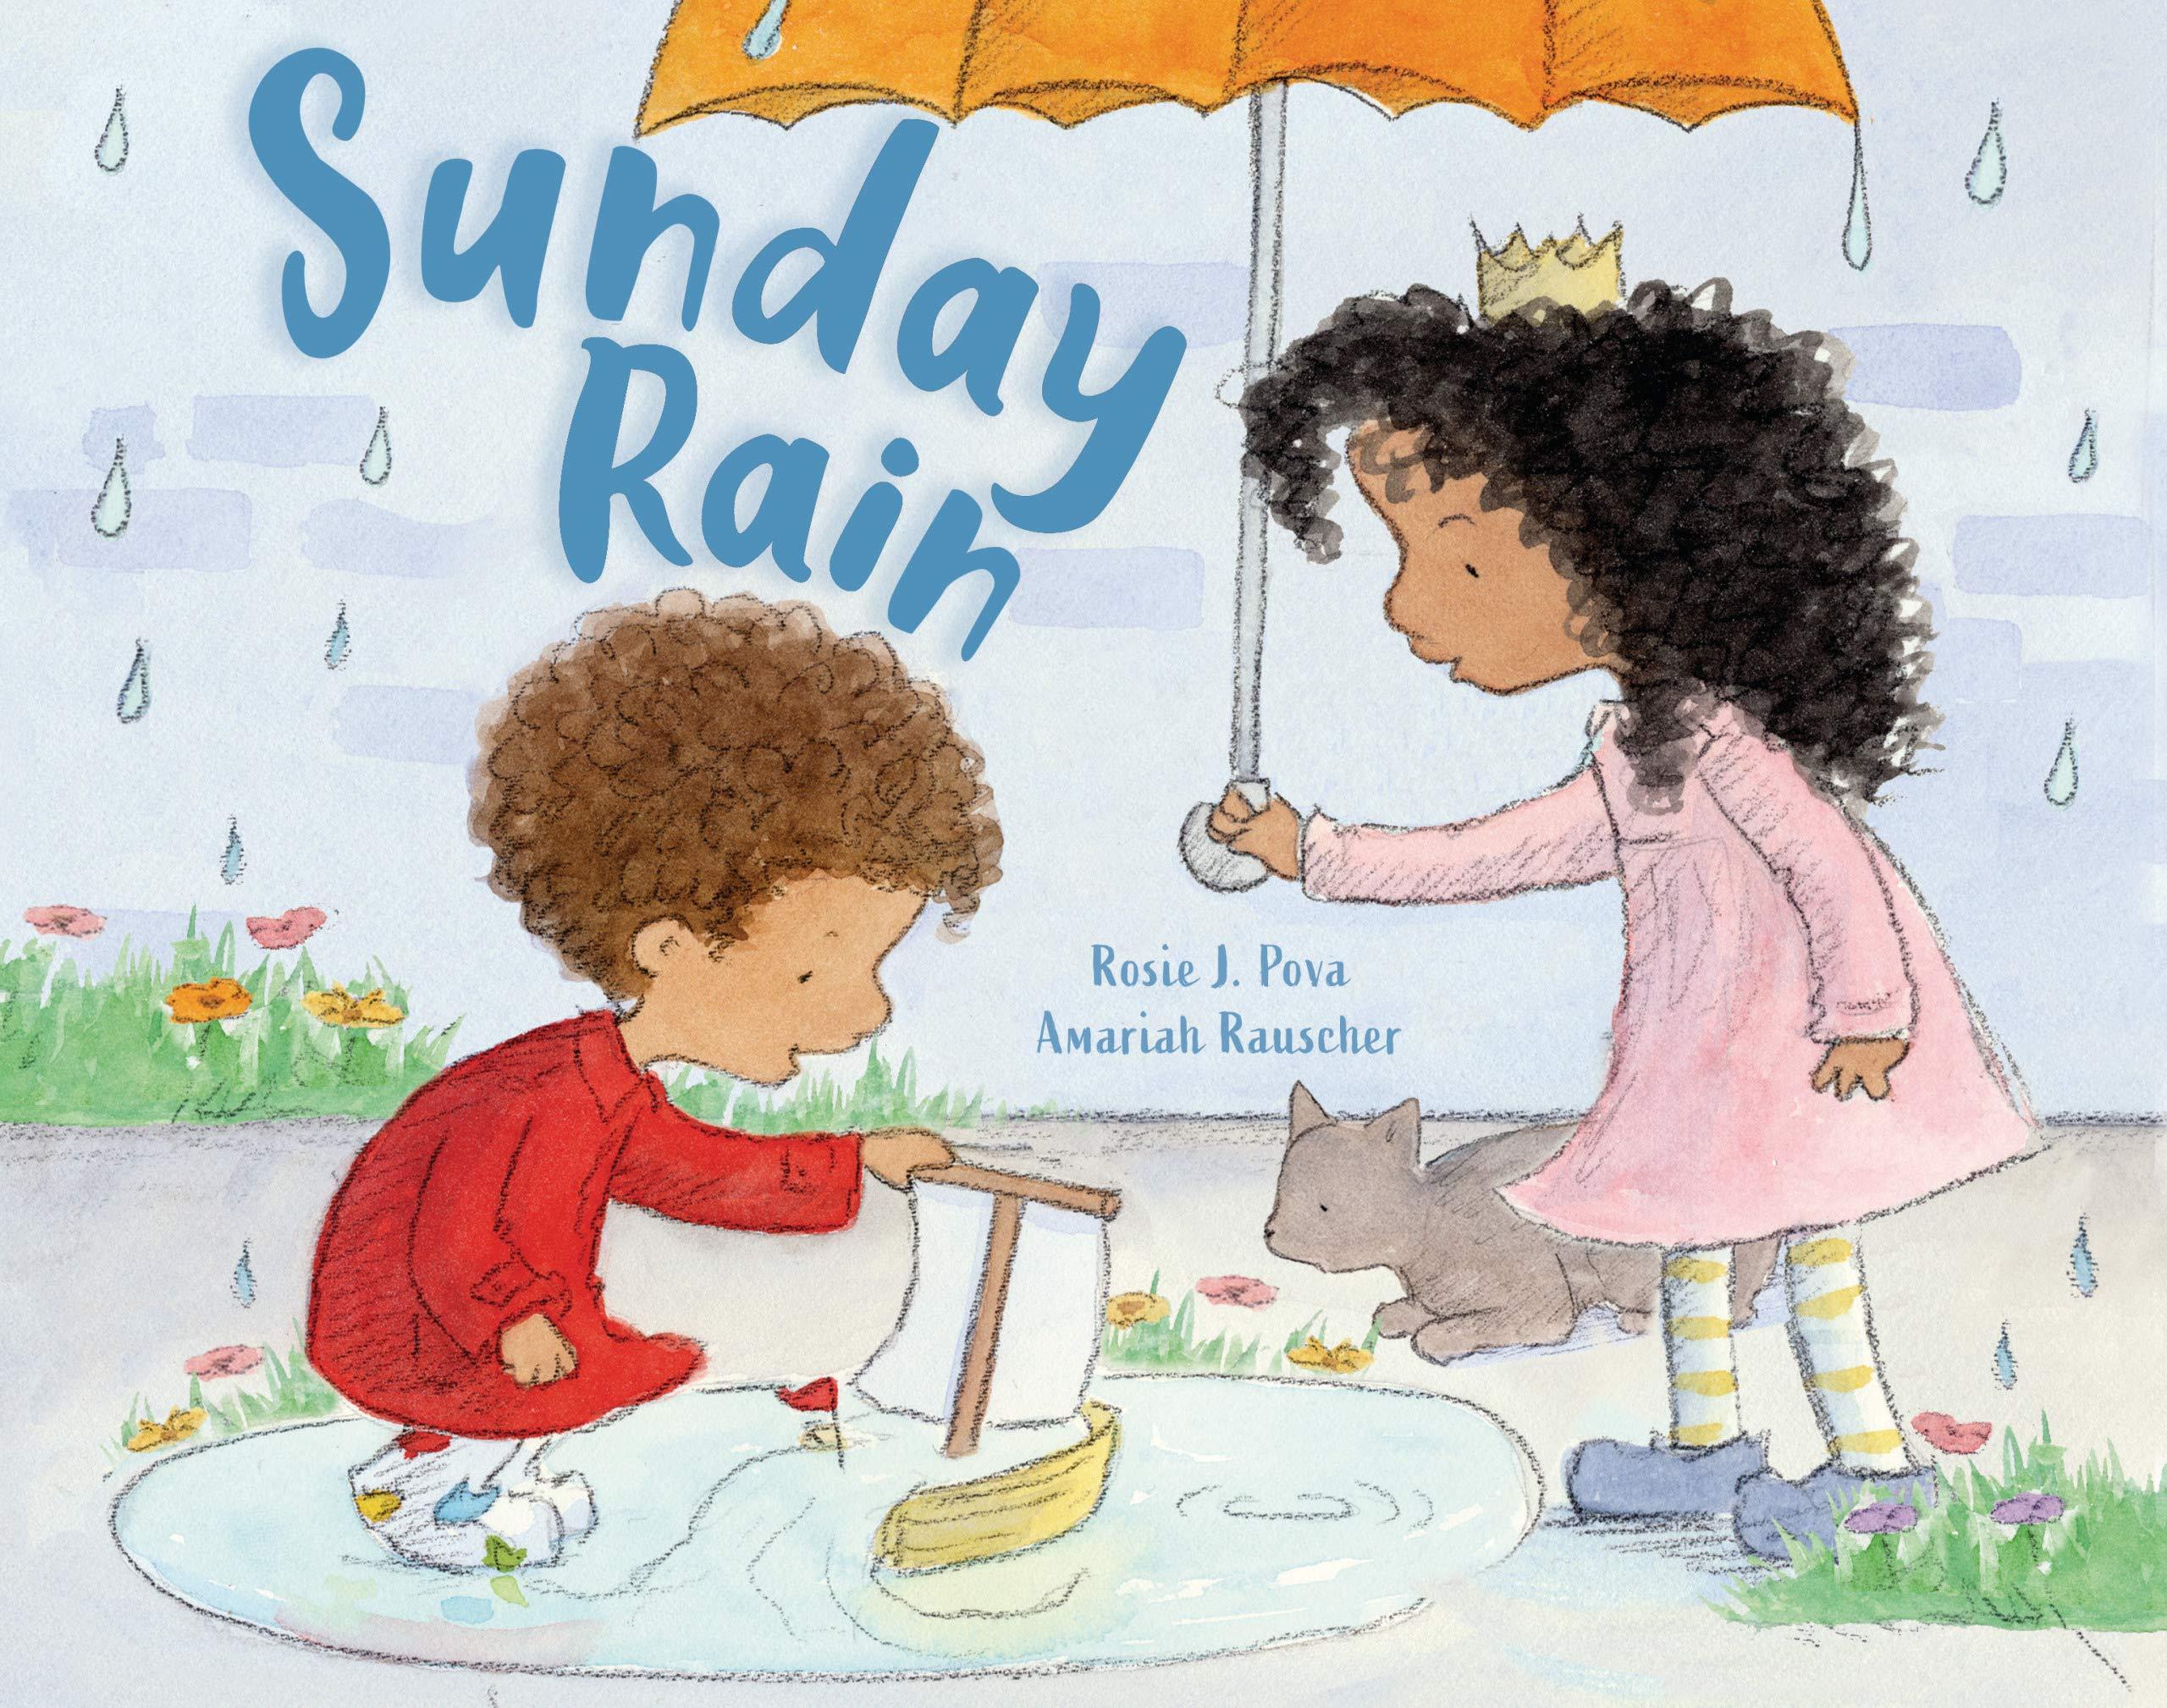 celebrate-picture-books-picture-book-review-sunday-rain-cover